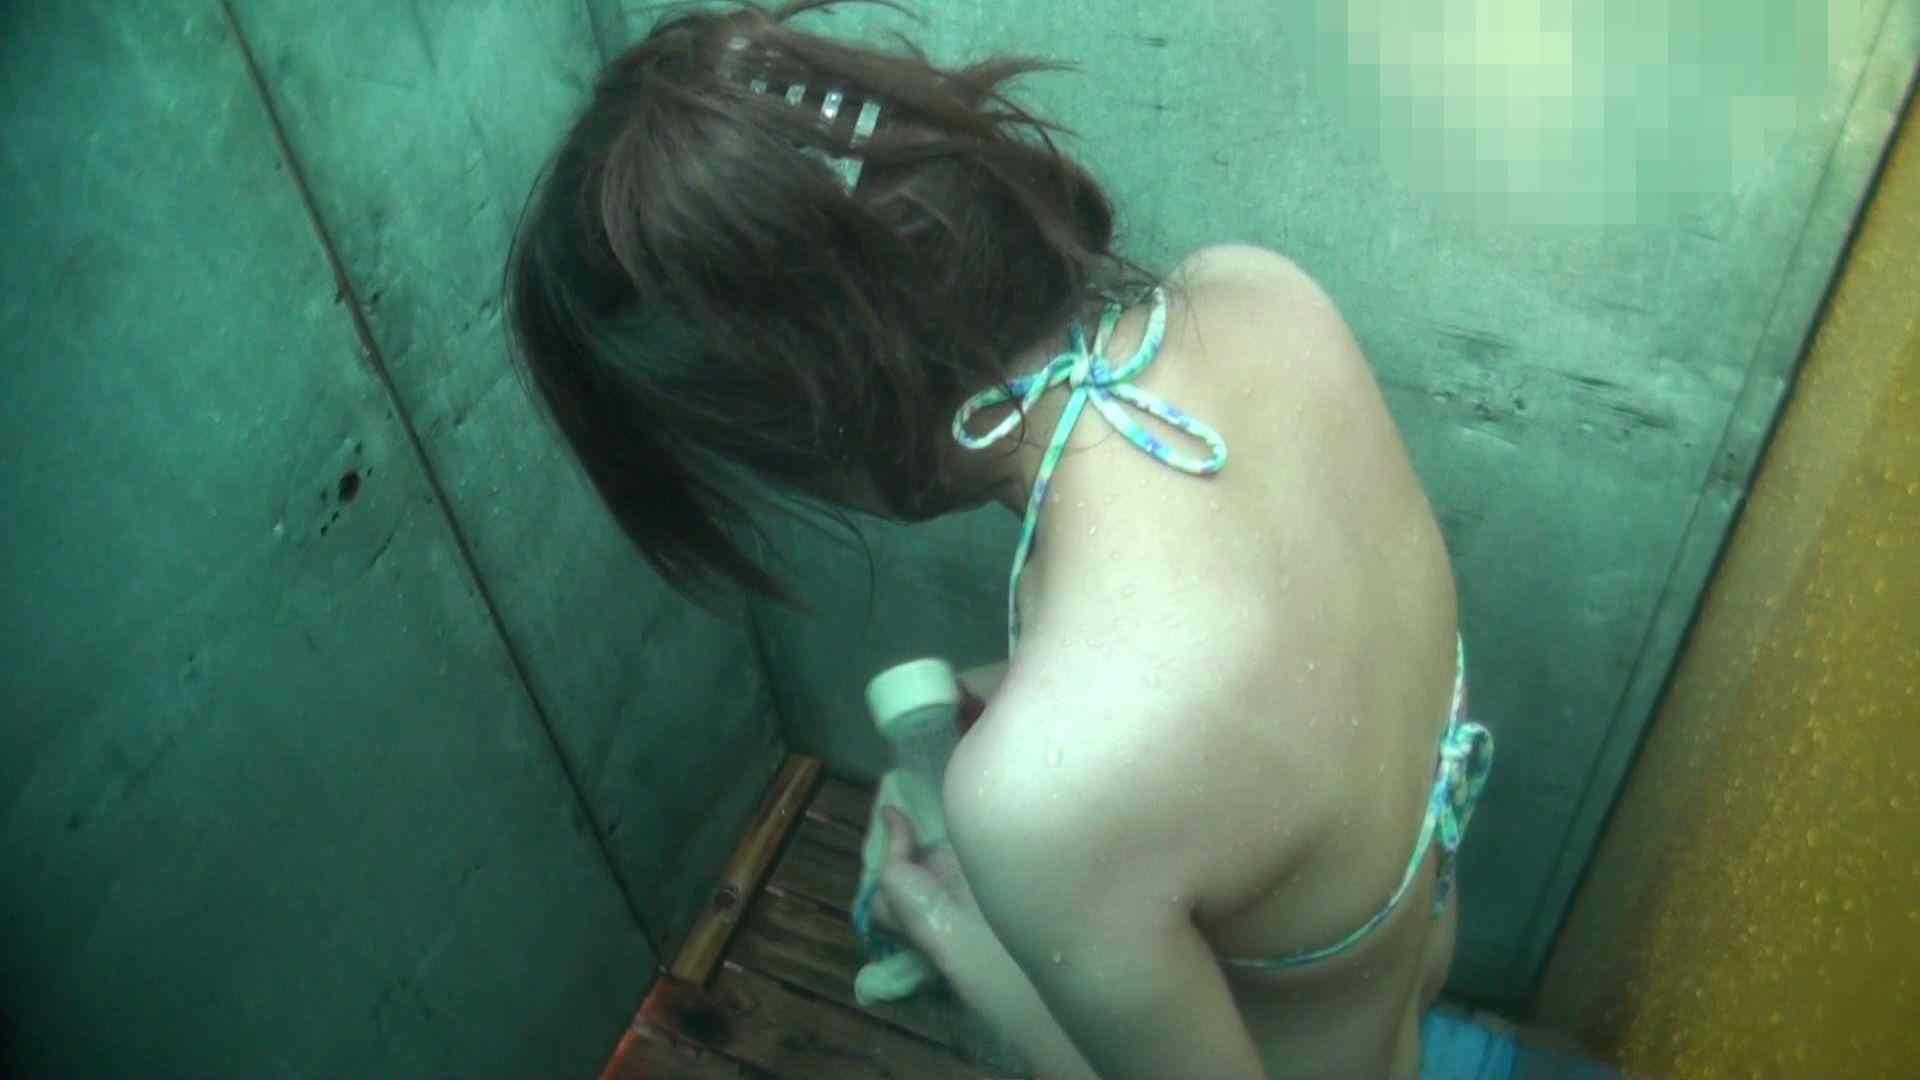 シャワールームは超!!危険な香りVol.15 残念ですが乳首未確認 マンコの砂は入念に シャワー オメコ動画キャプチャ 70pic 24